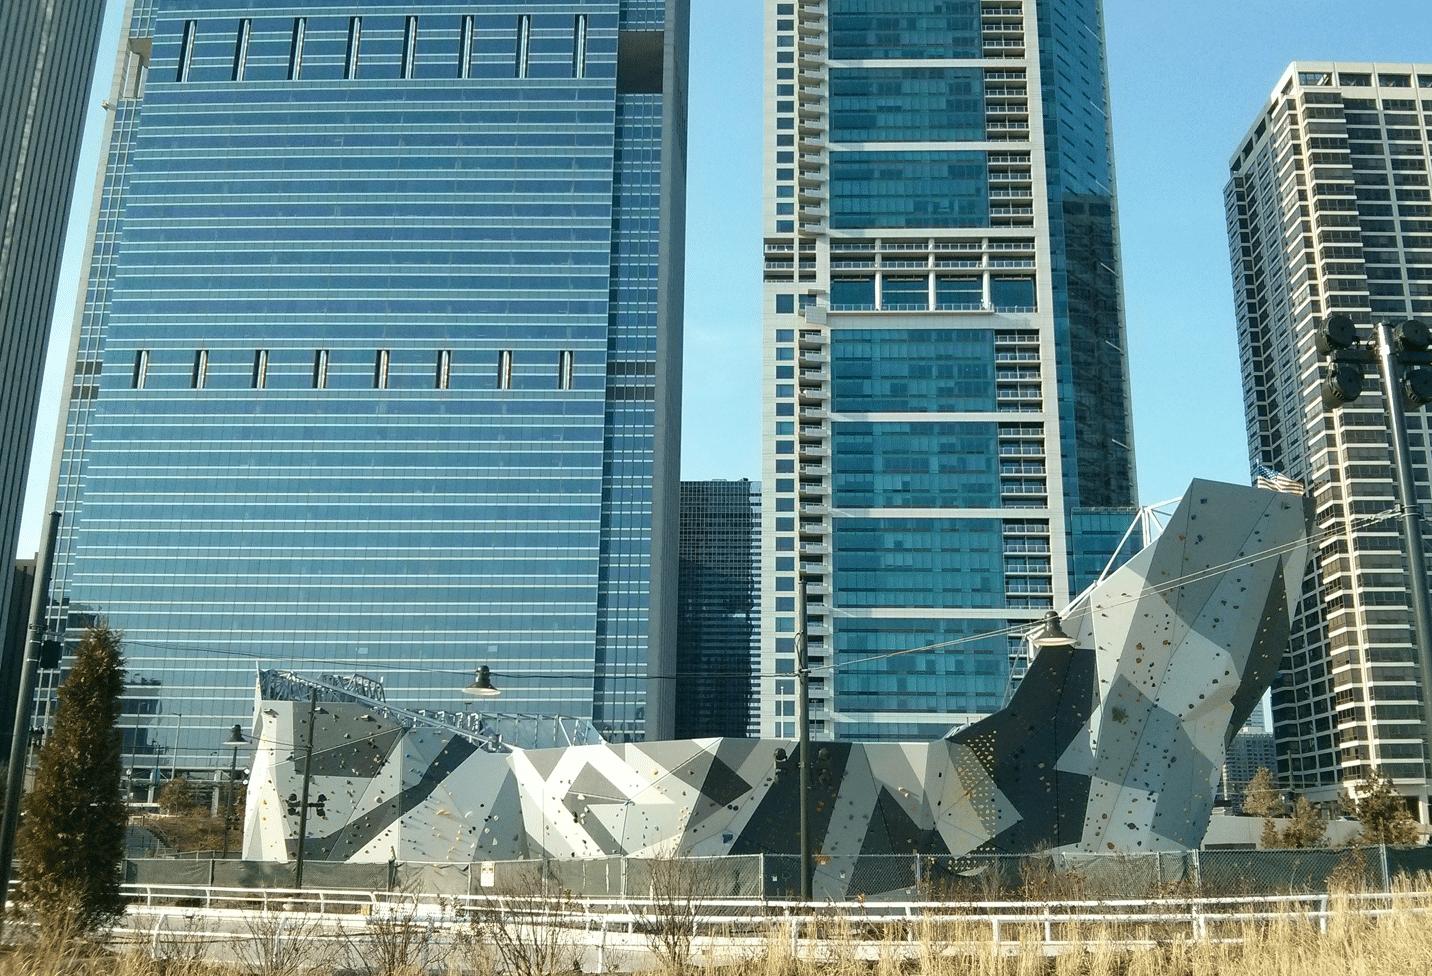 chicago-grimpe-orsoni